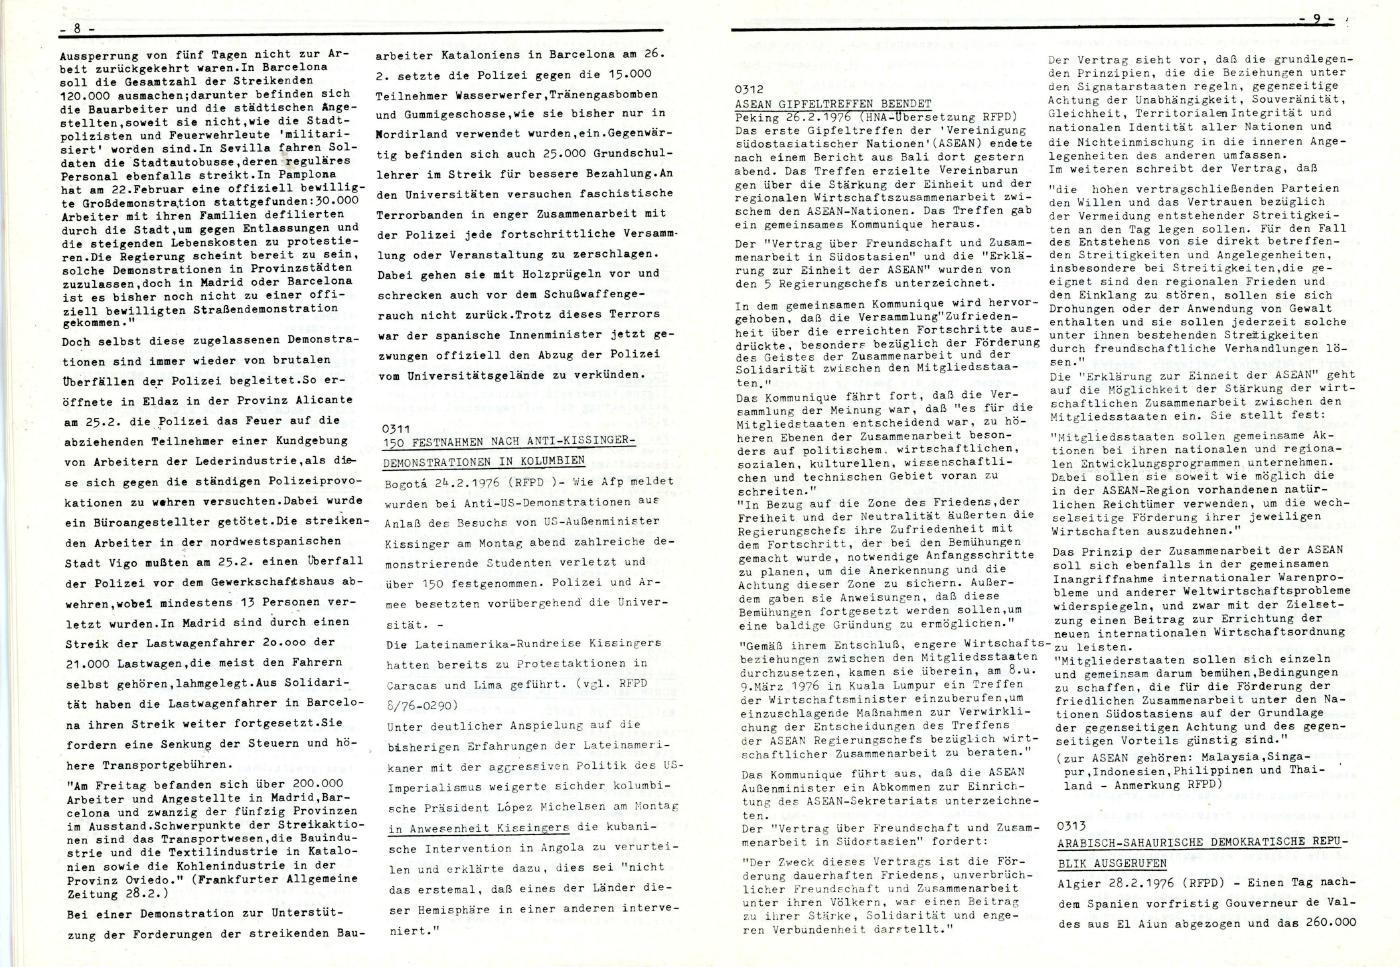 Rote_Fahne_Pressedienst_1976_09_05